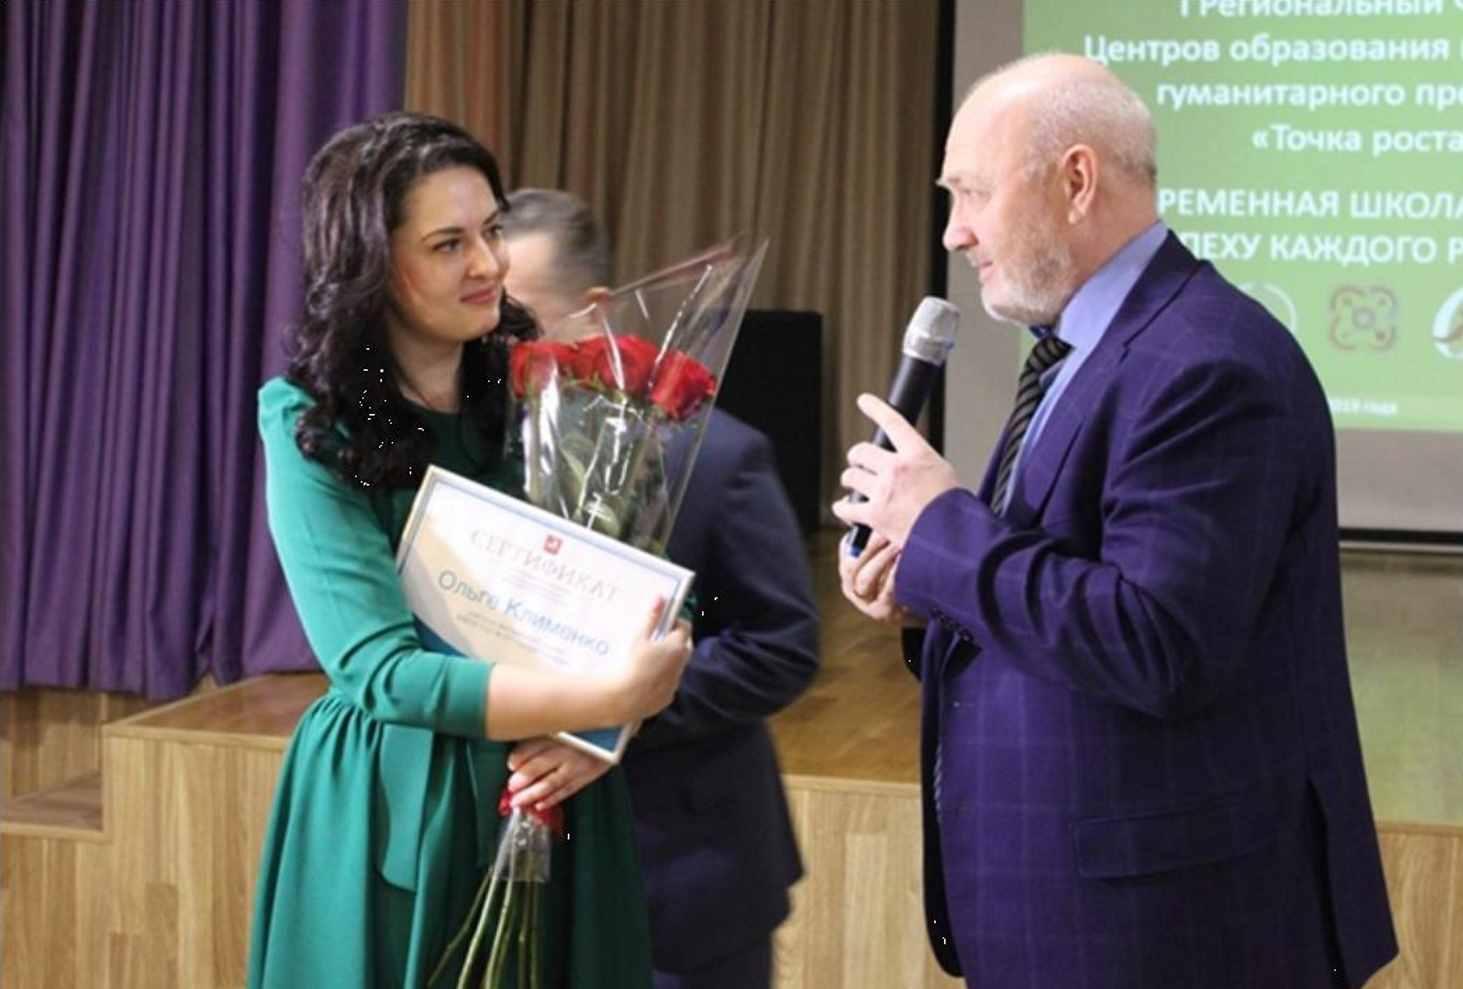 lipetskij-uchitel-poluchila-grant-za-razvitie-moskovskoj-elektronnoj-shkoly